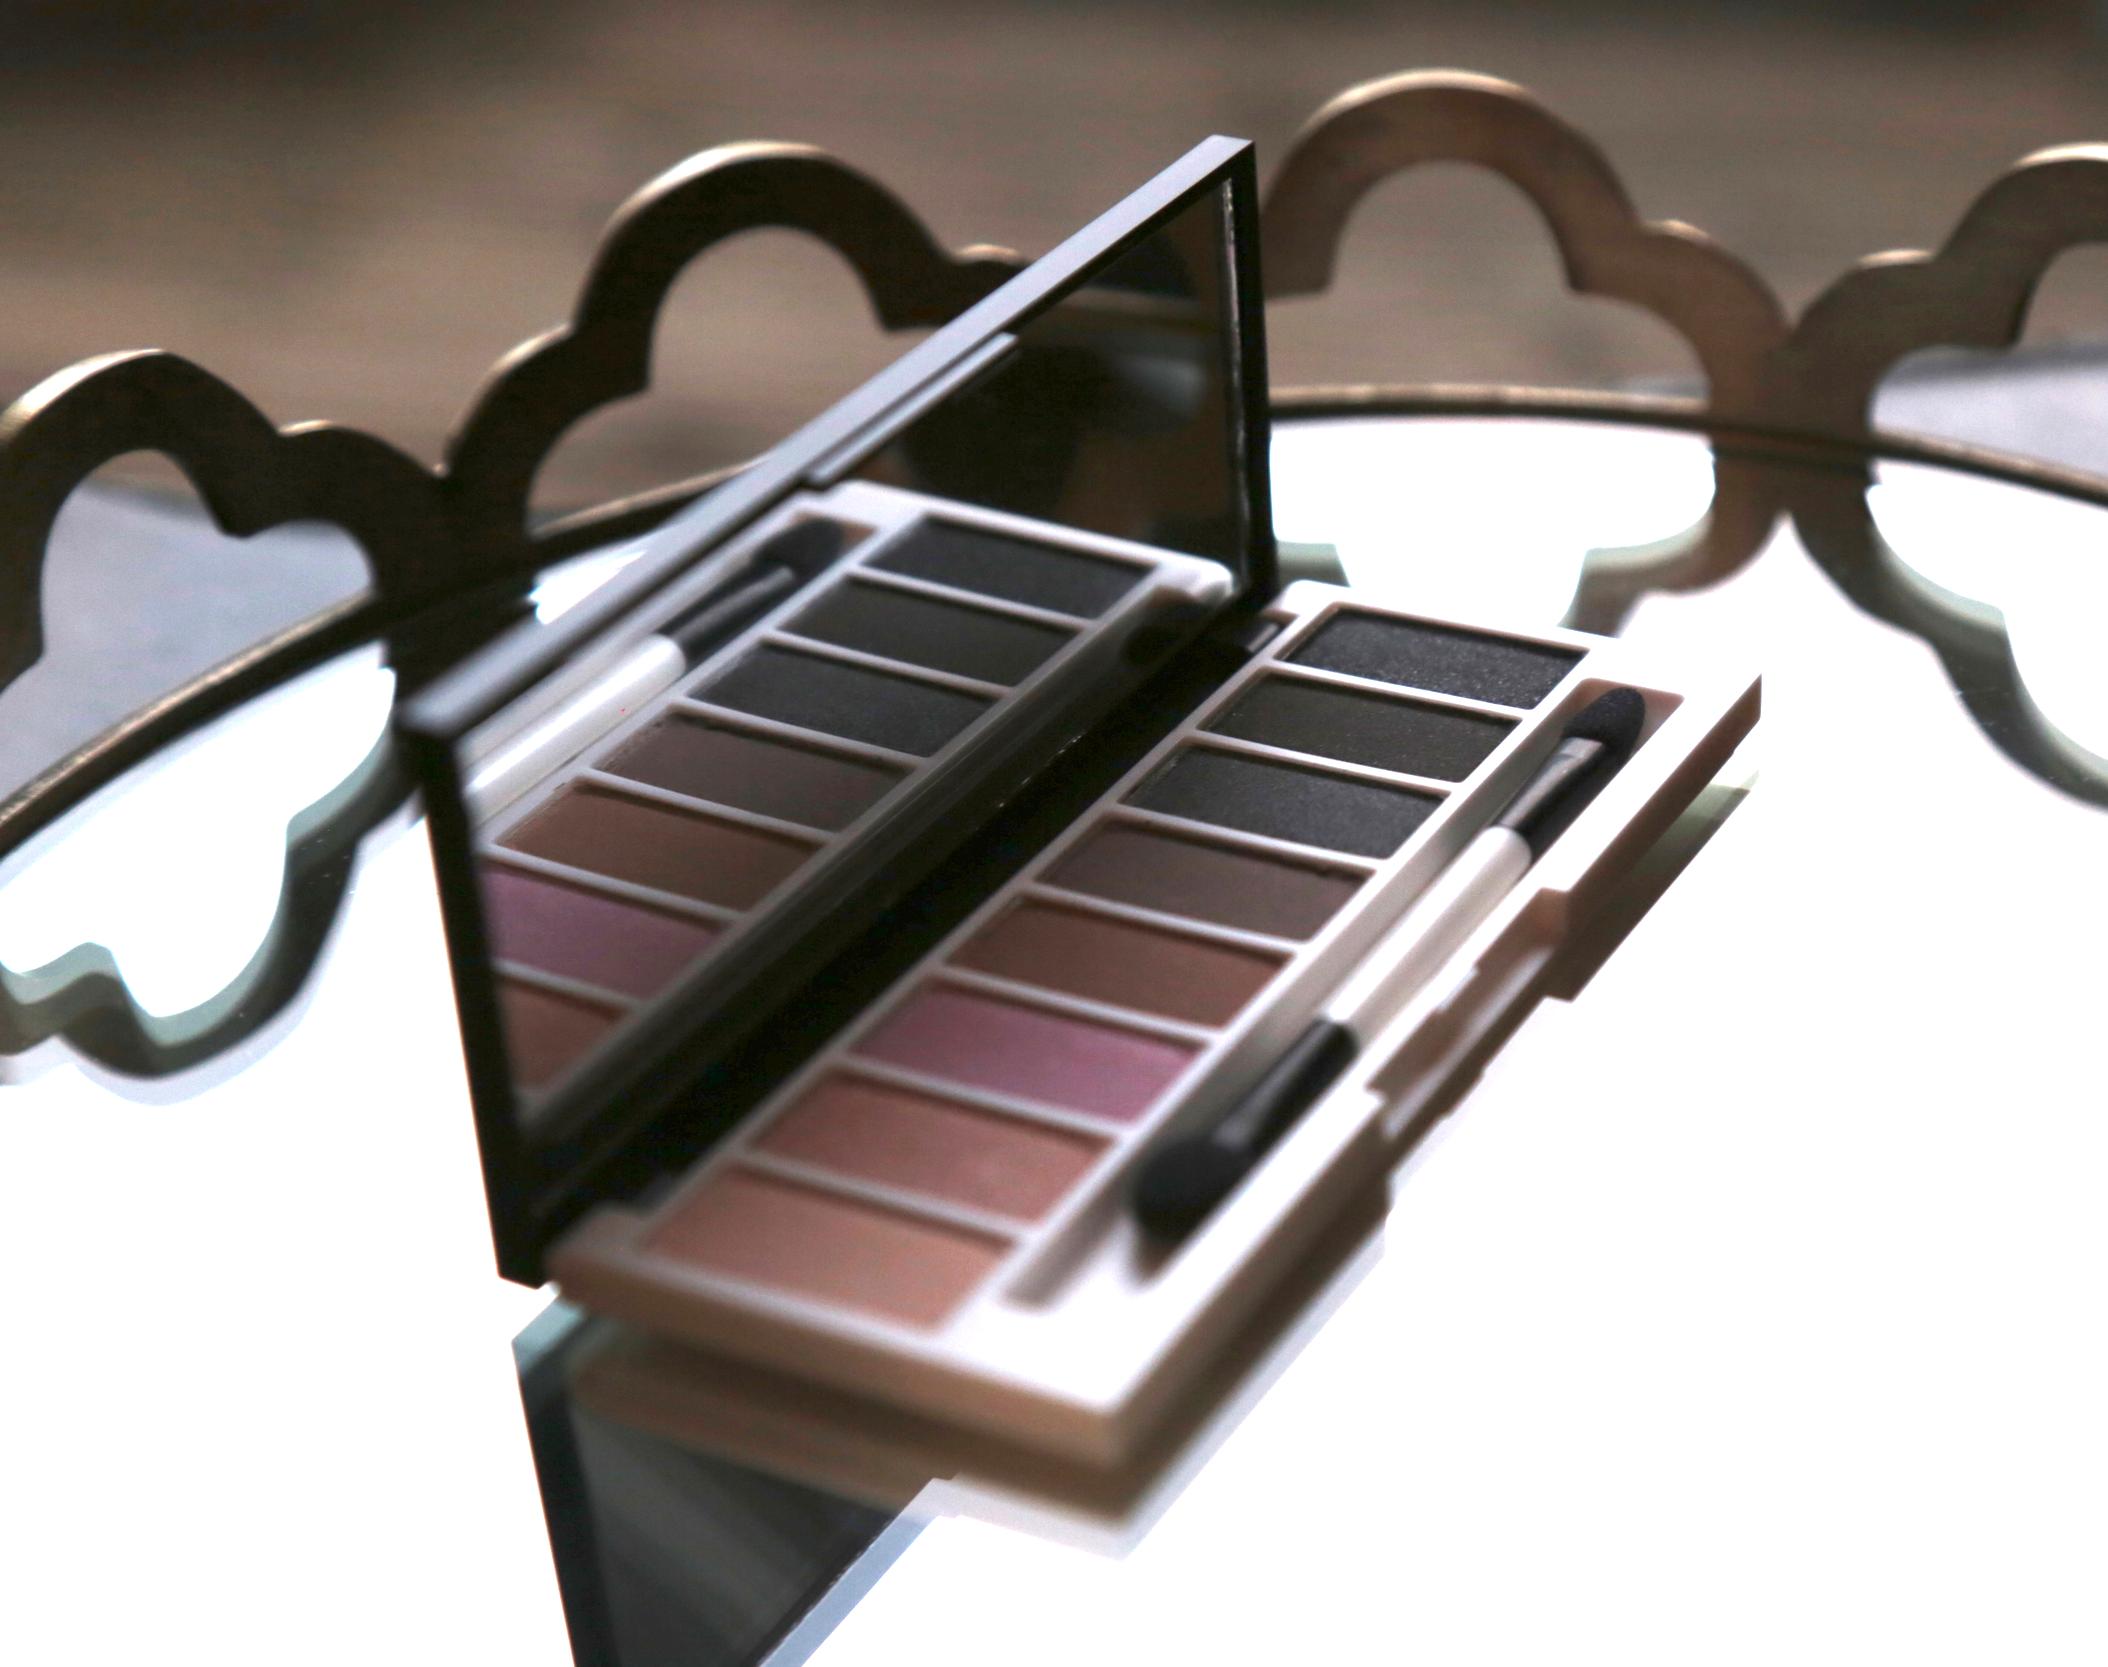 Smoke & mirrors eye palette